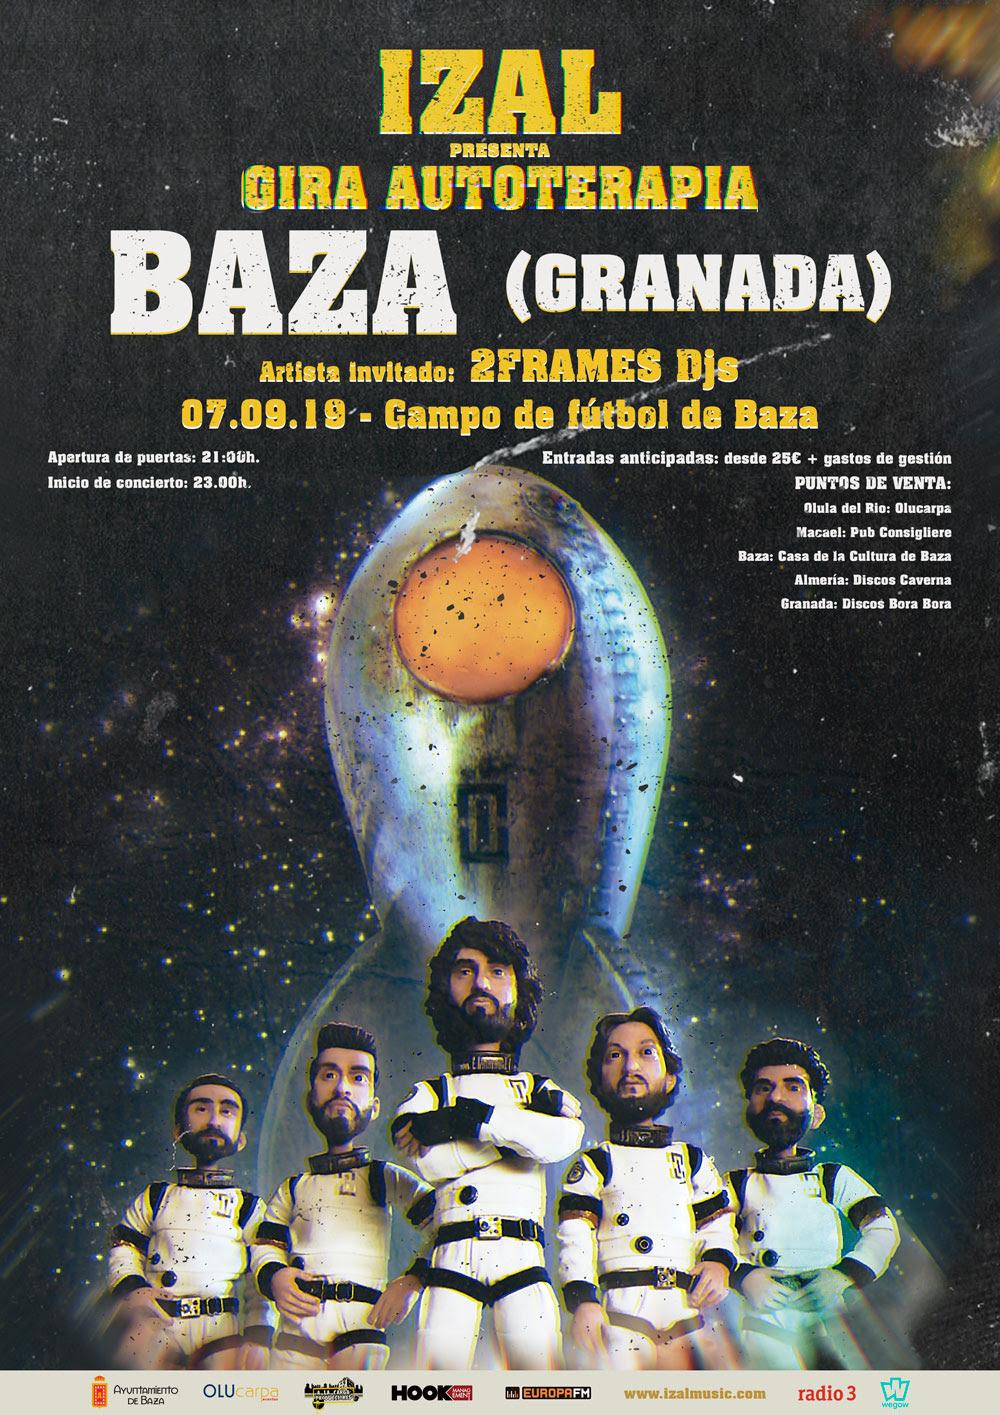 Cartel anunciador del concierto de Izal 7 septiembre